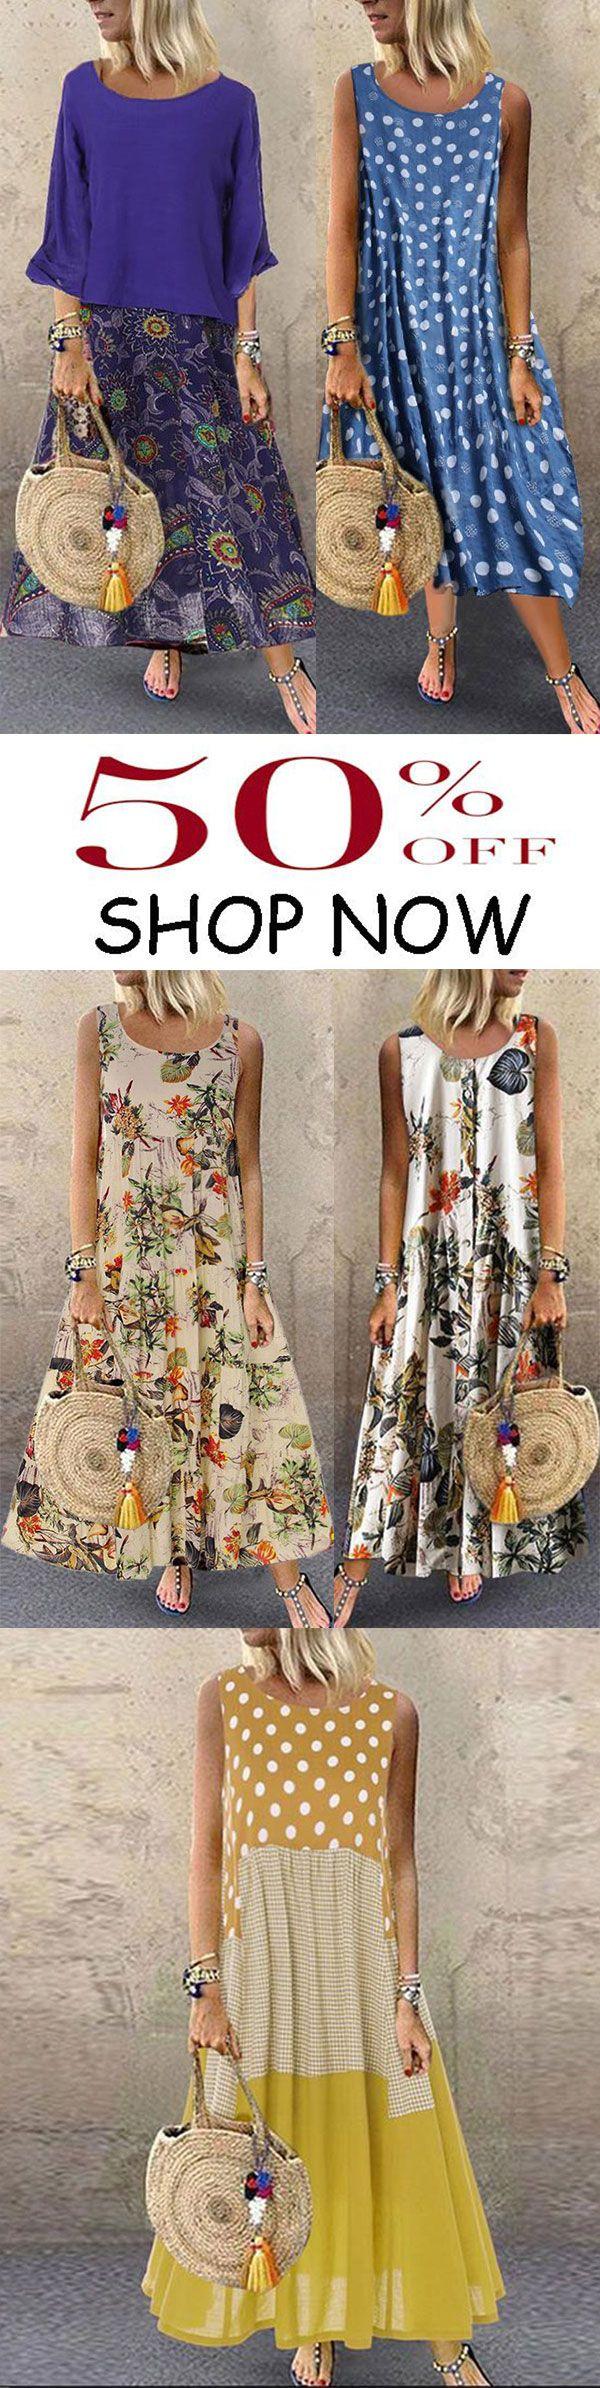 Photo of I salg nå !! 2019 populære bohemsk kjoler >>